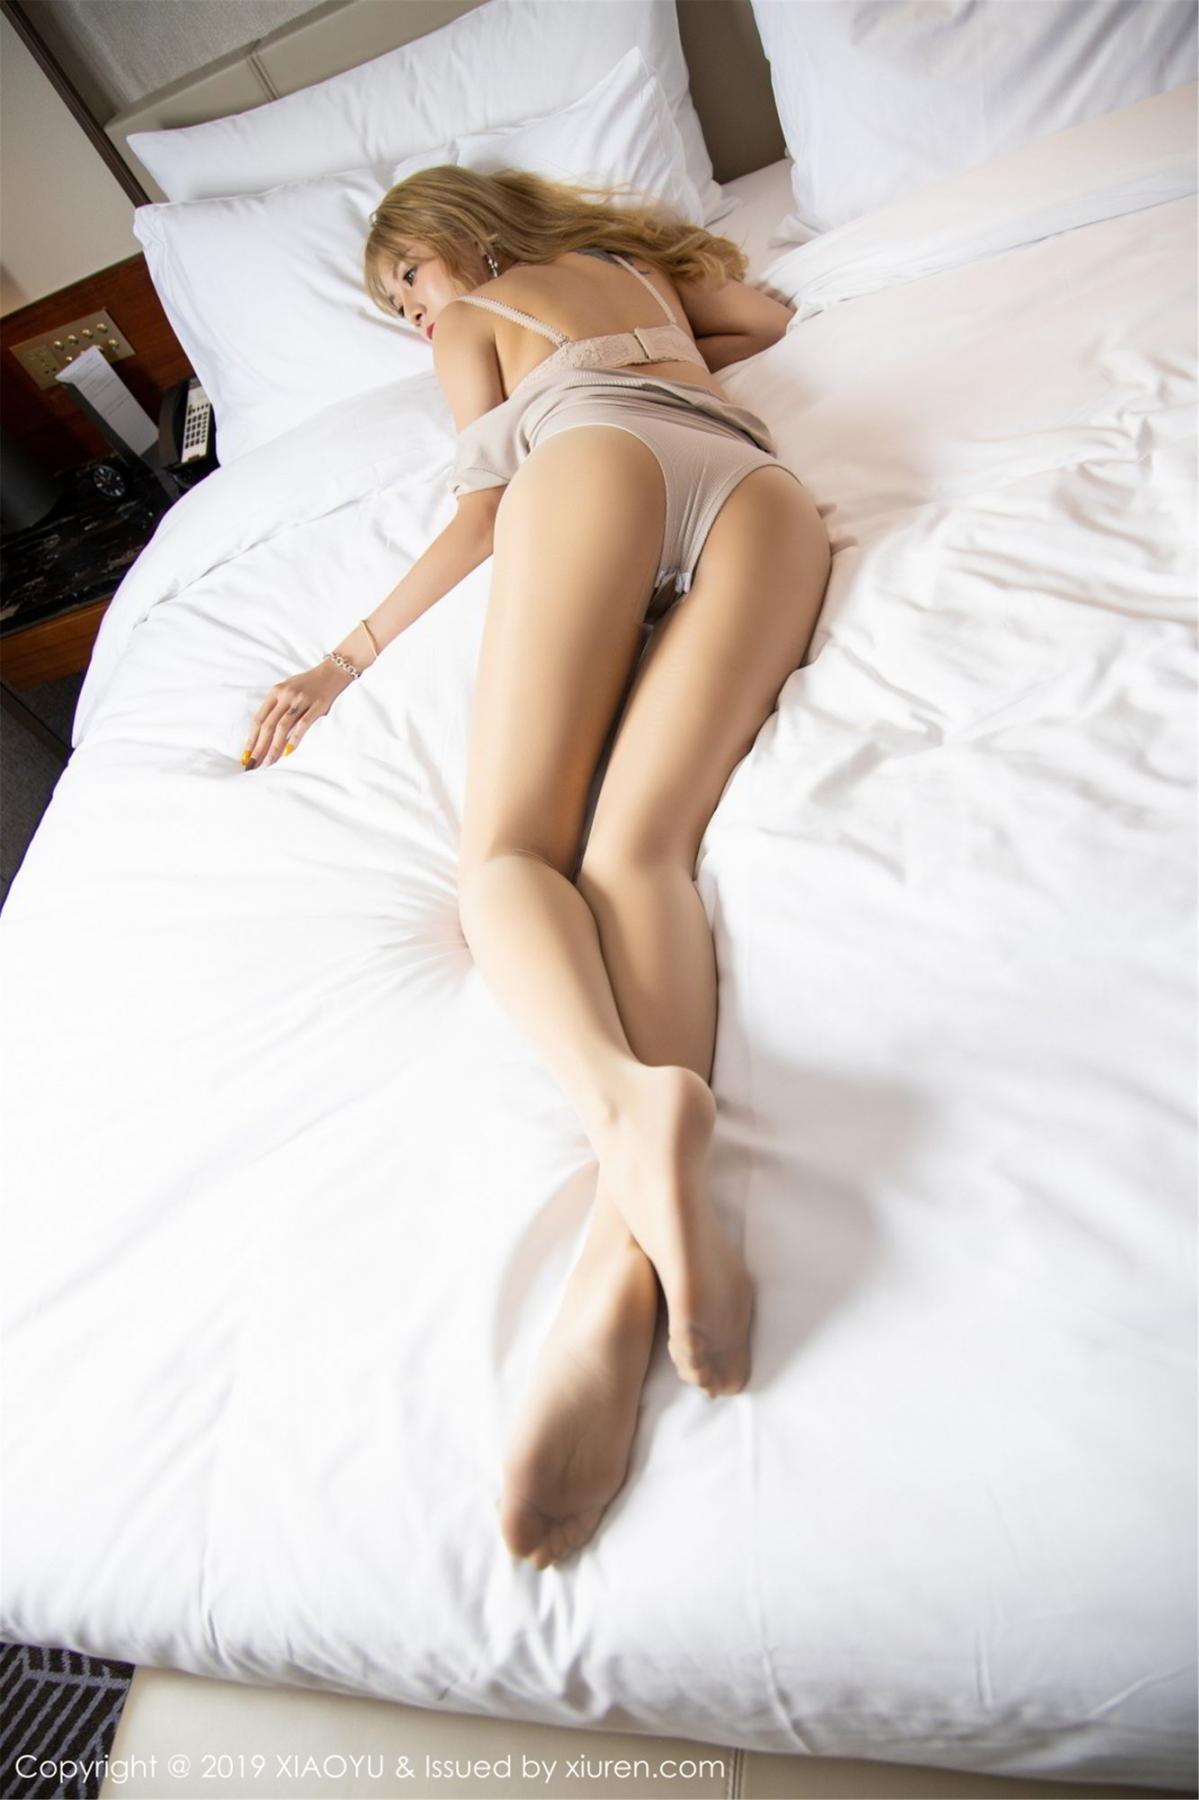 [XiaoYu] Vol.131 Feng Xi Wen 62P, Bathroom, Feng Xi Wen, Tall, Underwear, XiaoYu